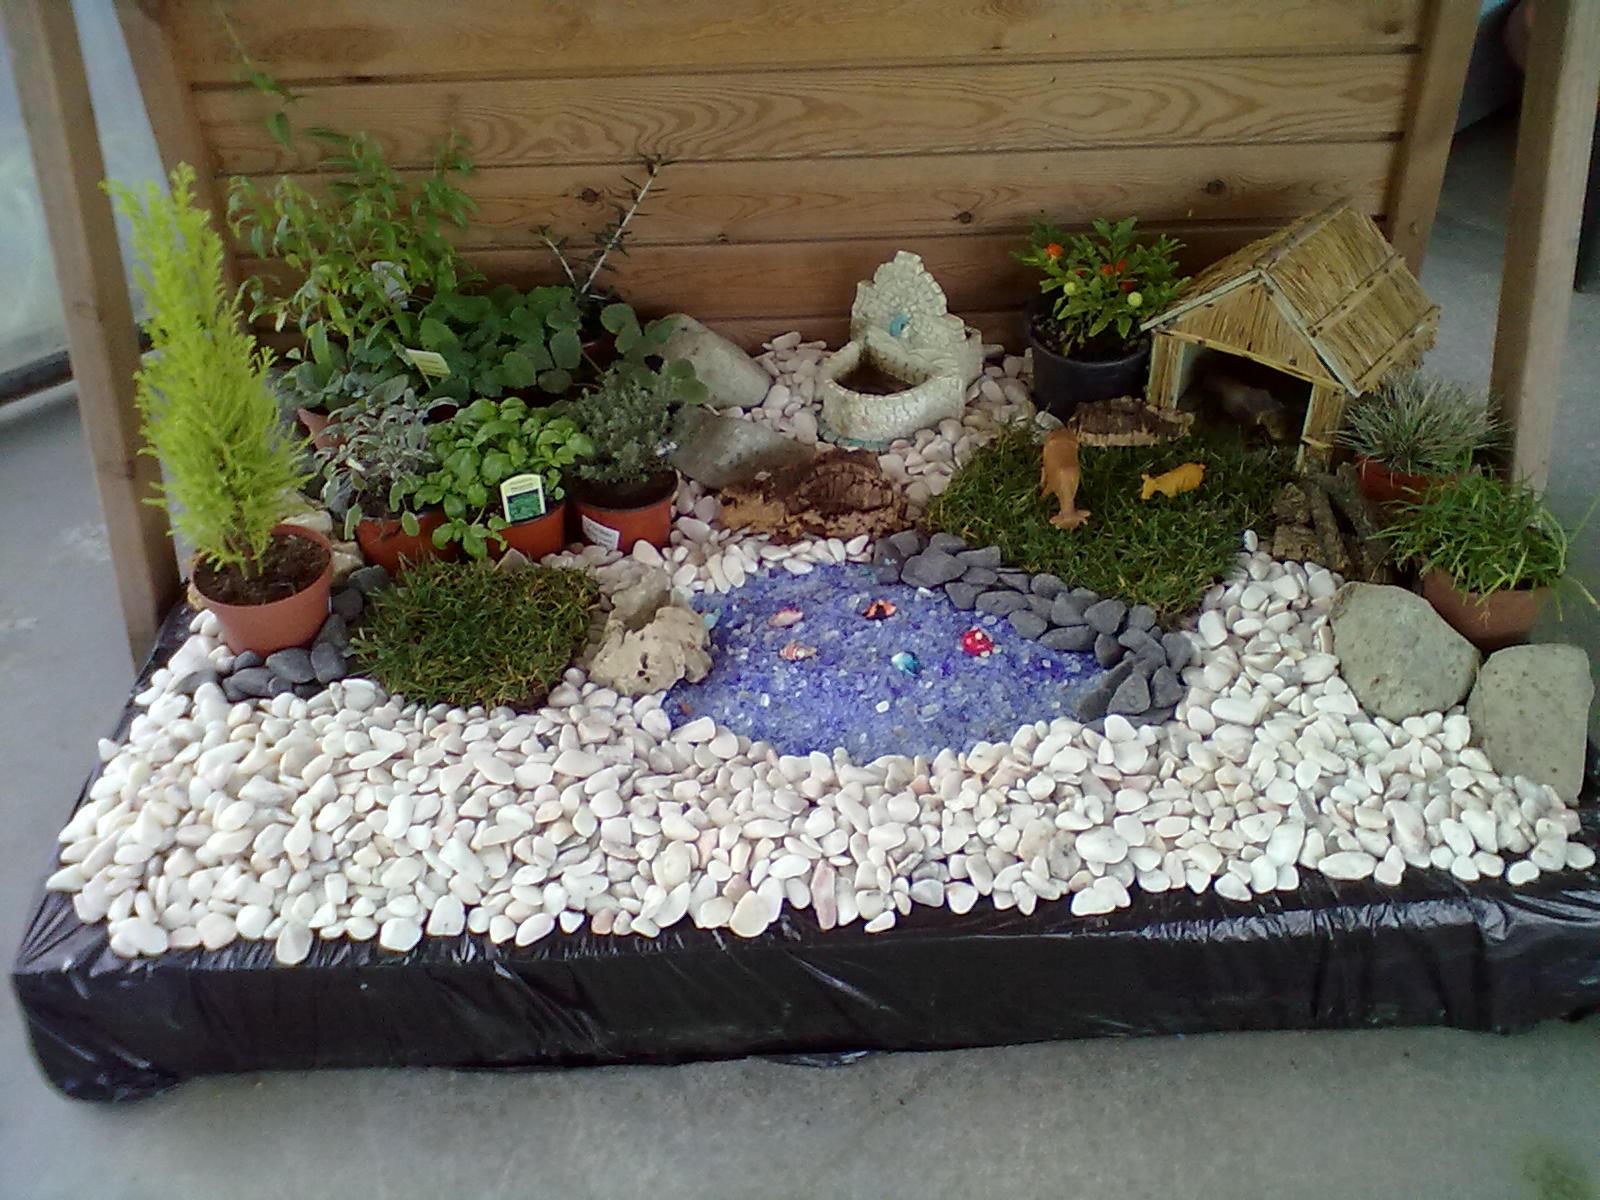 num banco de jardim uma velhinha:quinta feira 25 de abril de 2013 #634A2F 1600x1200